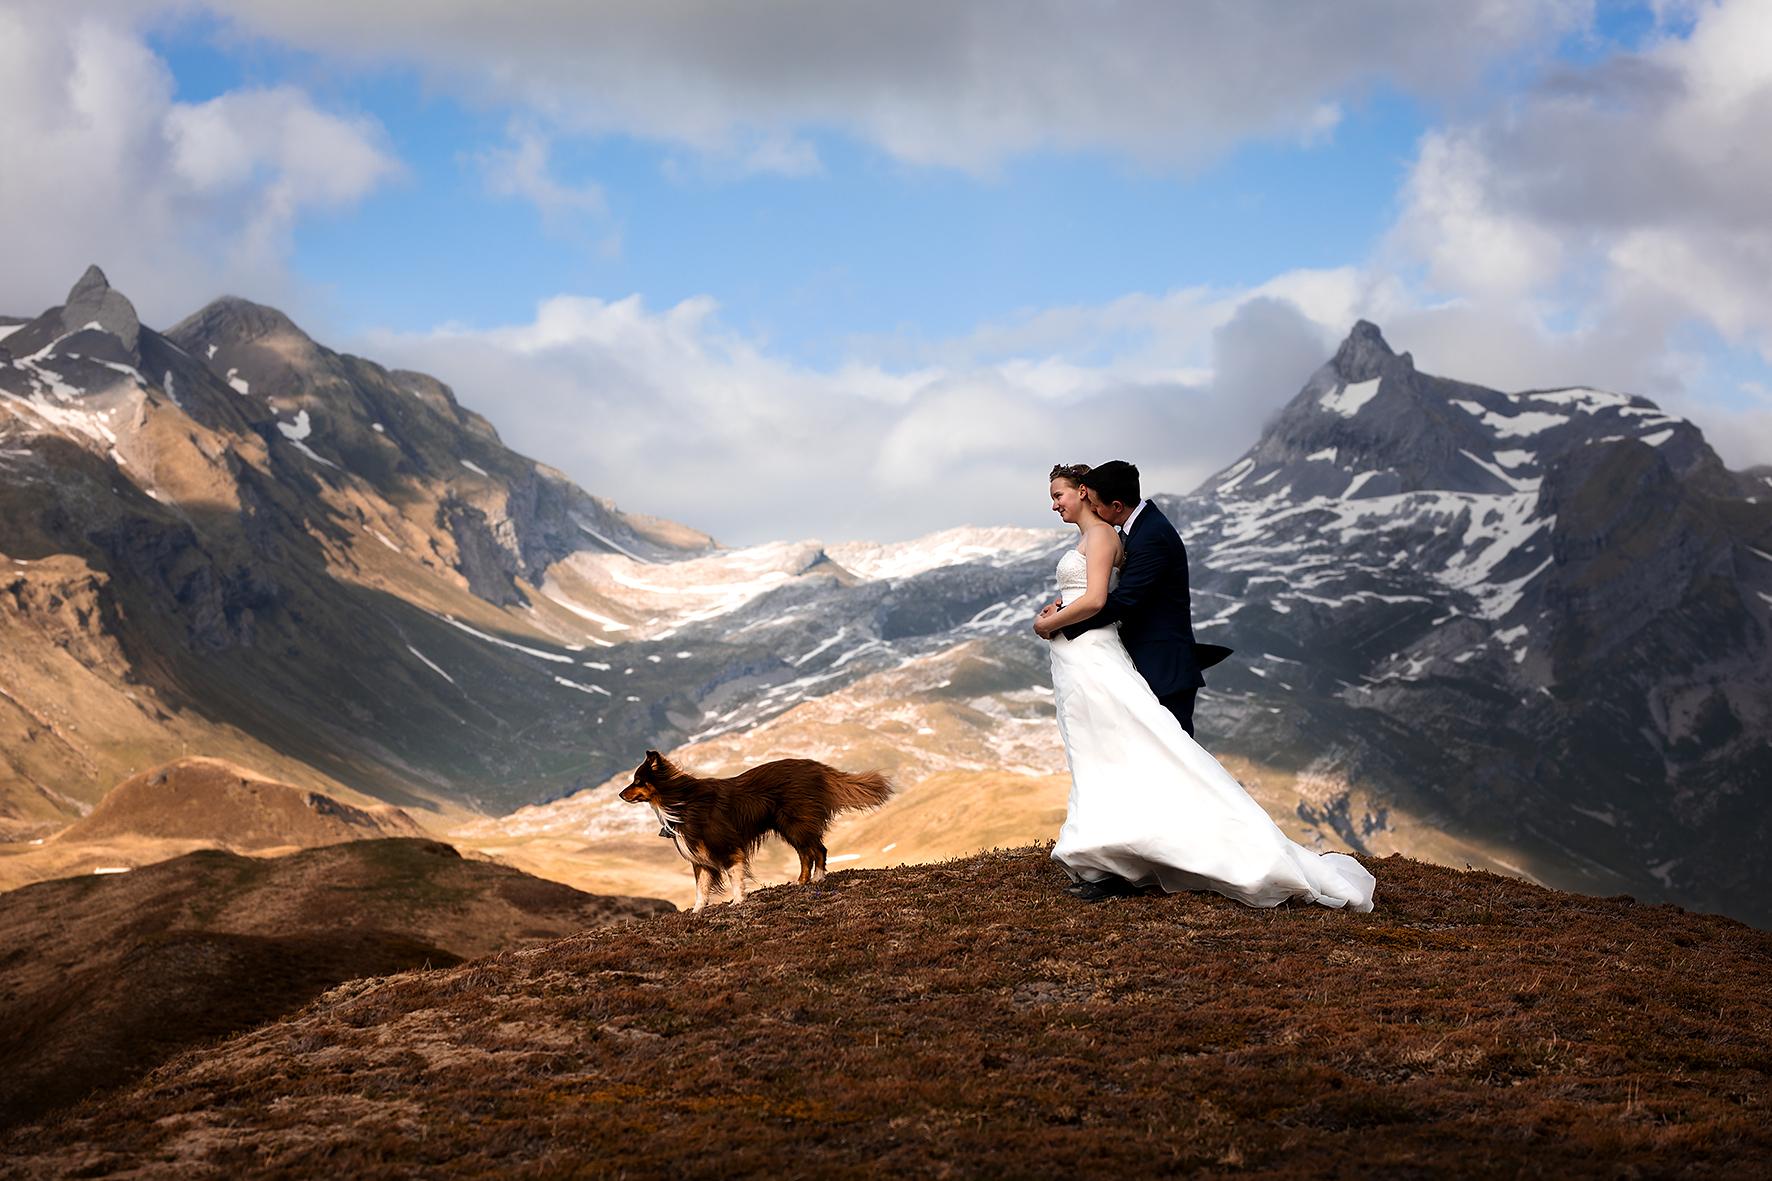 Ein Brautpaarshooting nach dem Trauversprechen anlässlich eines Elopements in den Schweizer Alpen. Der Bräutigam hält die Braut von hinten in einer Umarmung umschlungen und küsst ihren Nacken. Die beiden stehen auf einem Hügel und die Braut blickt in die Ferne. Im Hintergrund sind der Graustock und der Rotsandnollen. Die Sonne bricht durch die Wolken und wirft Flecken auf die Berglandschaft.